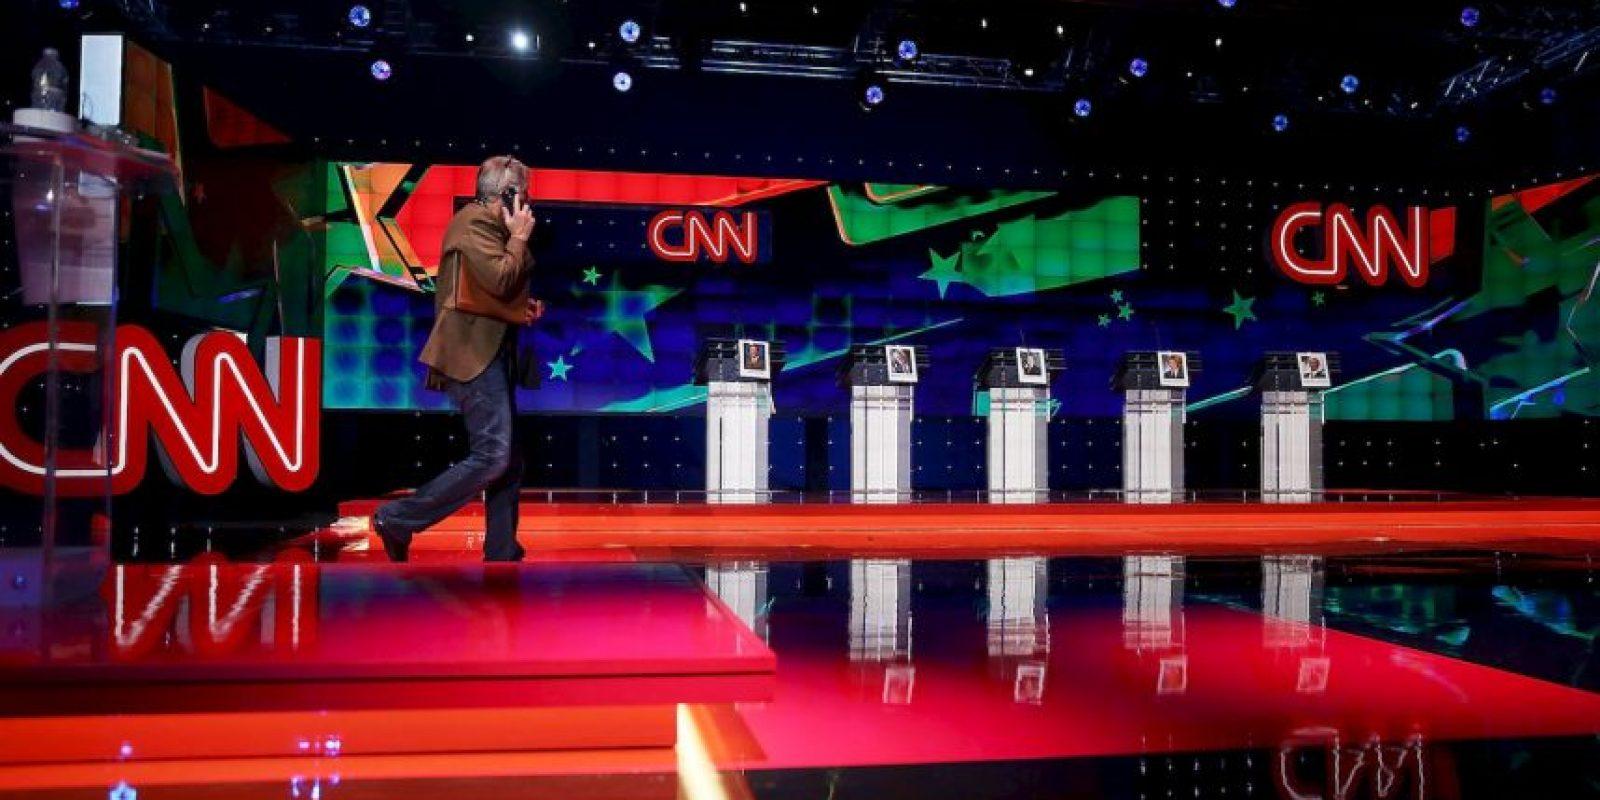 El polémico precandidato Donald Trump fue el centro de atención de aquel debate. Foto:Getty Images